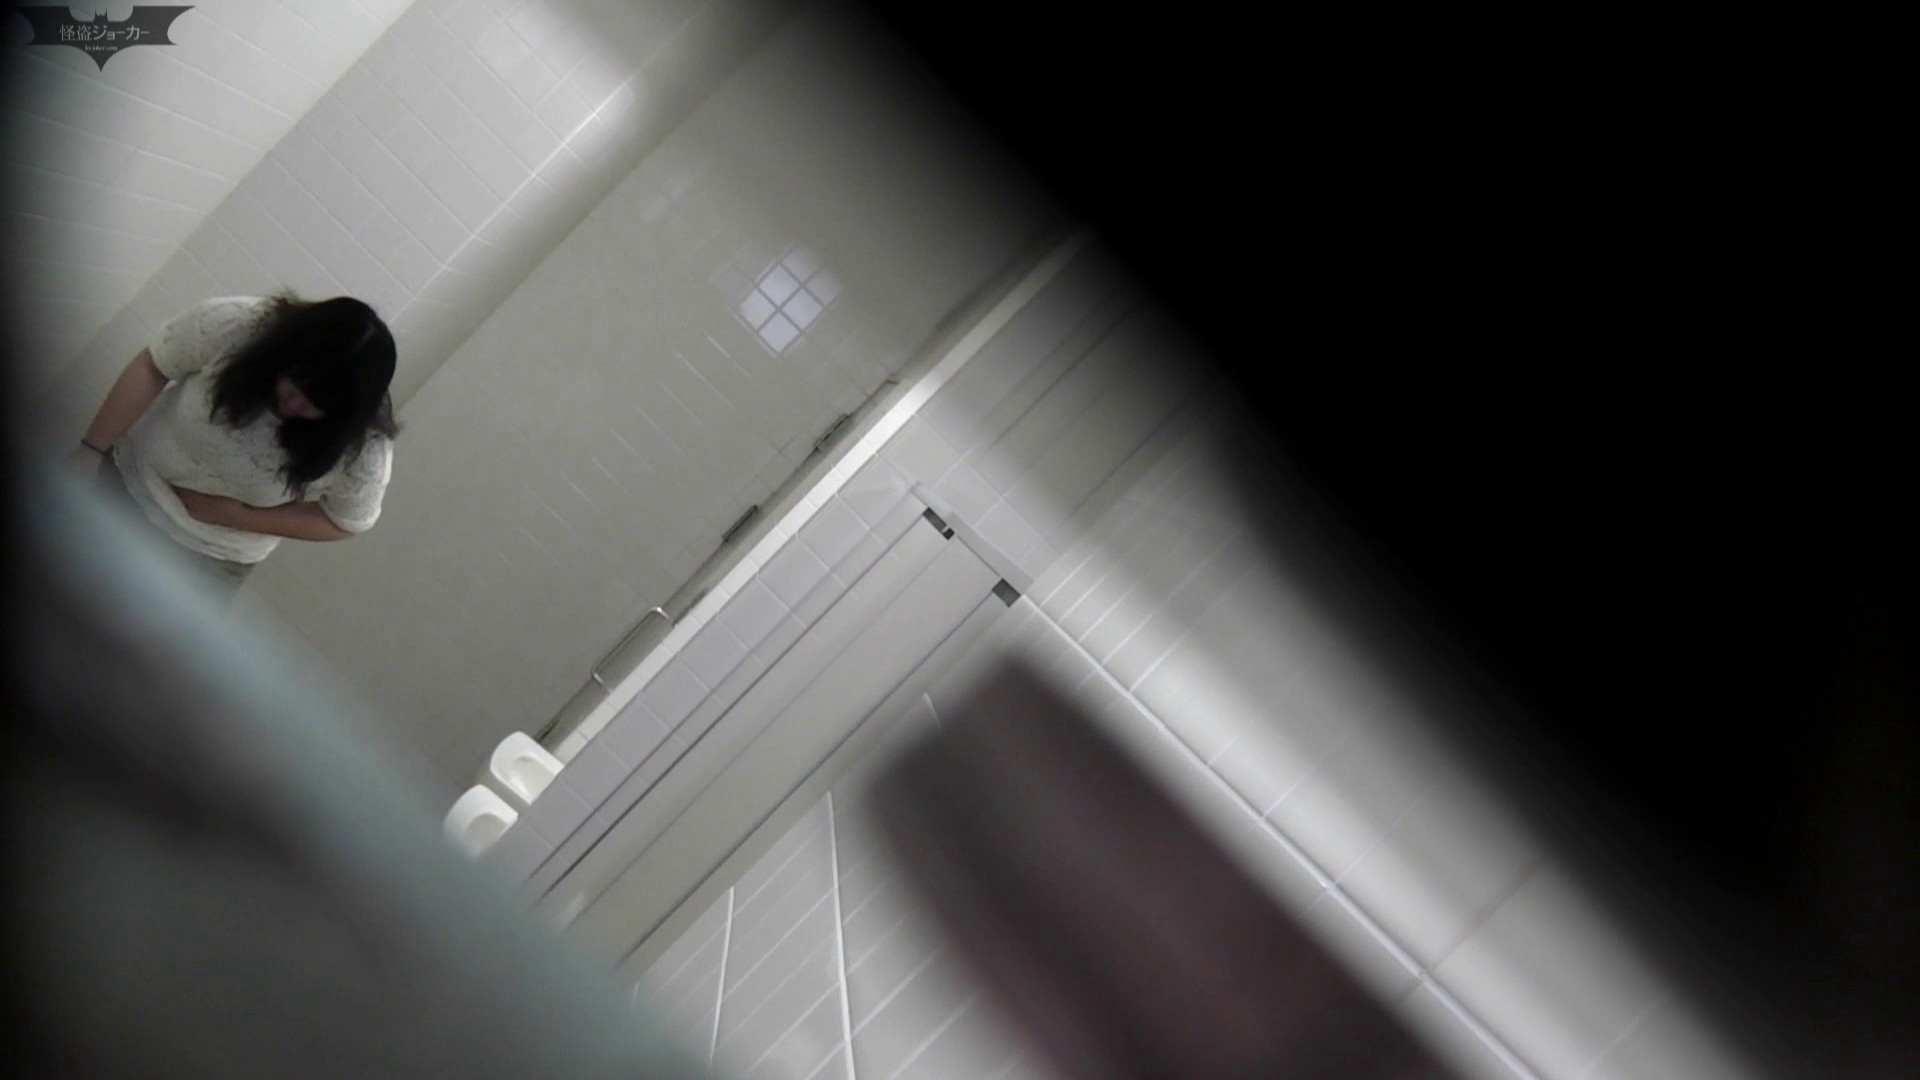 お銀 vol.68 無謀に通路に飛び出て一番明るいフロント撮り実現、見所満載 美人   洗面所  105pic 88